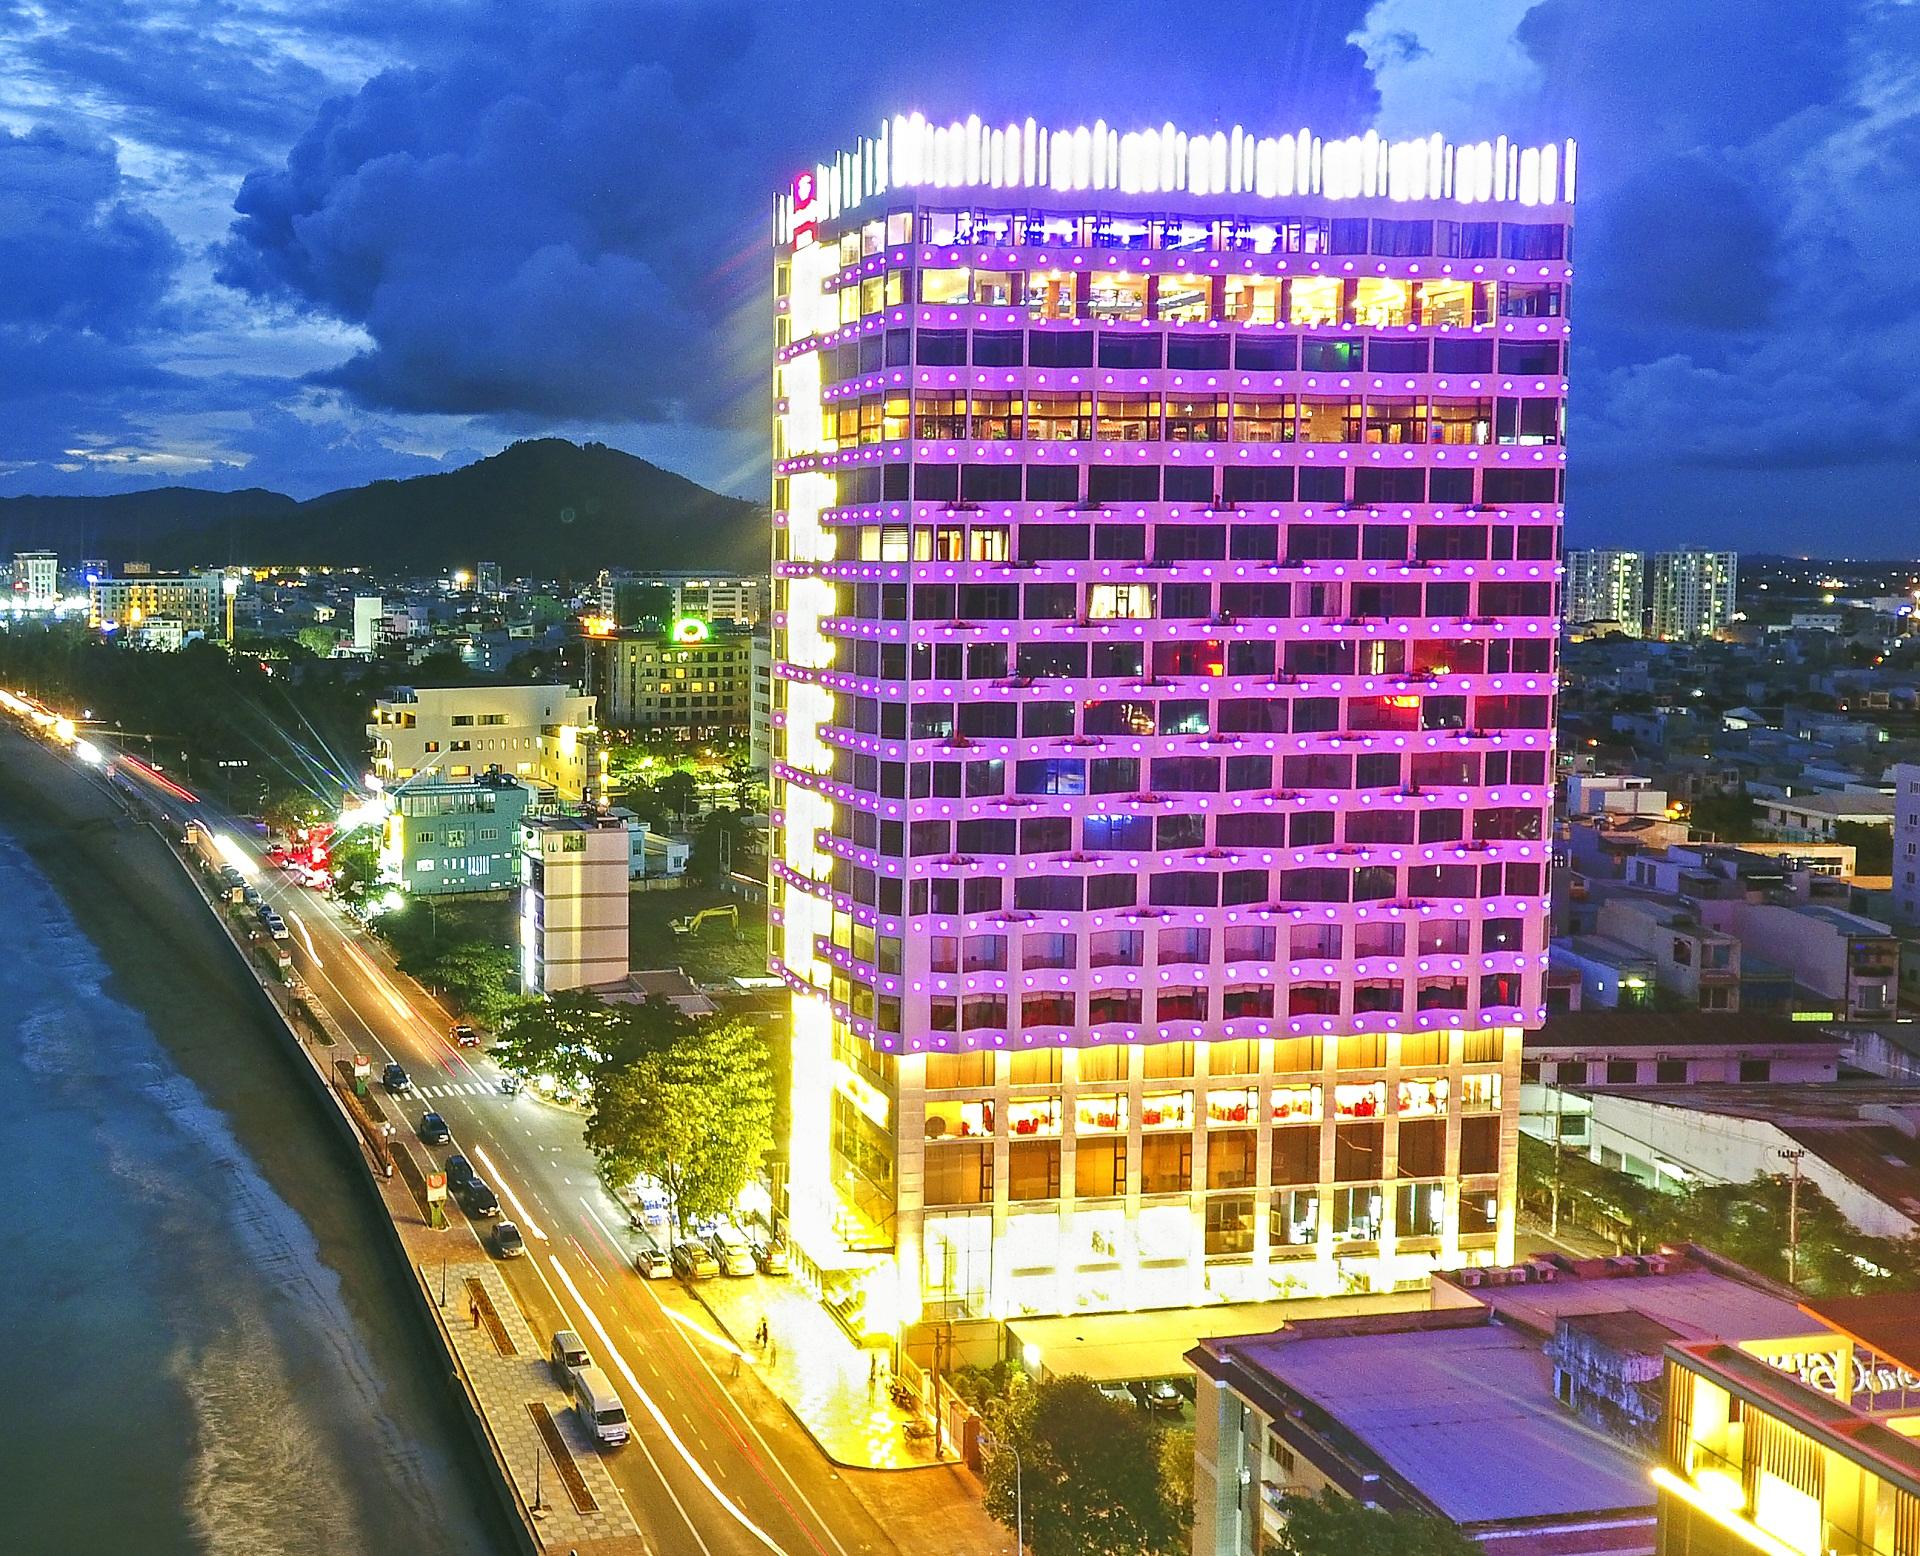 Khách sạn Quy Nhơn 4 sao Hương Việt lung linh về đêm - Ảnh: Hương Việt Hotel